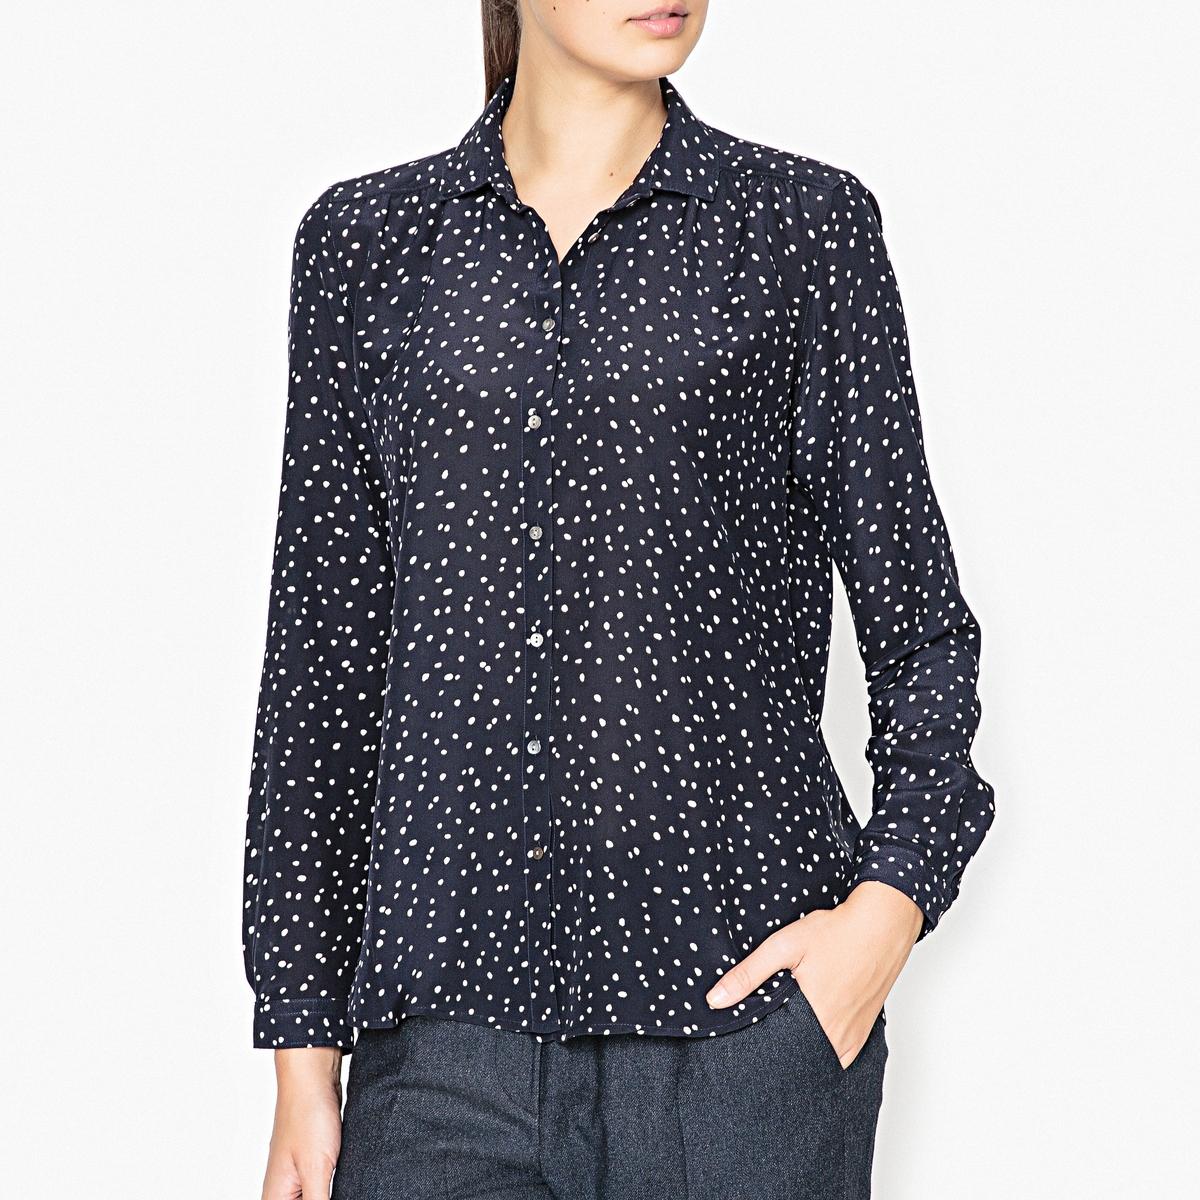 Рубашка в горошек CLAUDEРубашка в горошек с длинными рукавами HARTFORD - модель CLAUDE мз 100% хлопка с принтом .Детали •  Длинные рукава •  Прямой покрой •  Воротник-поло, рубашечный •  Цветочный рисунок  Состав и уход •  100% шелк •  Следуйте советам по уходу, указанным на этикетке<br><br>Цвет: темно-синий